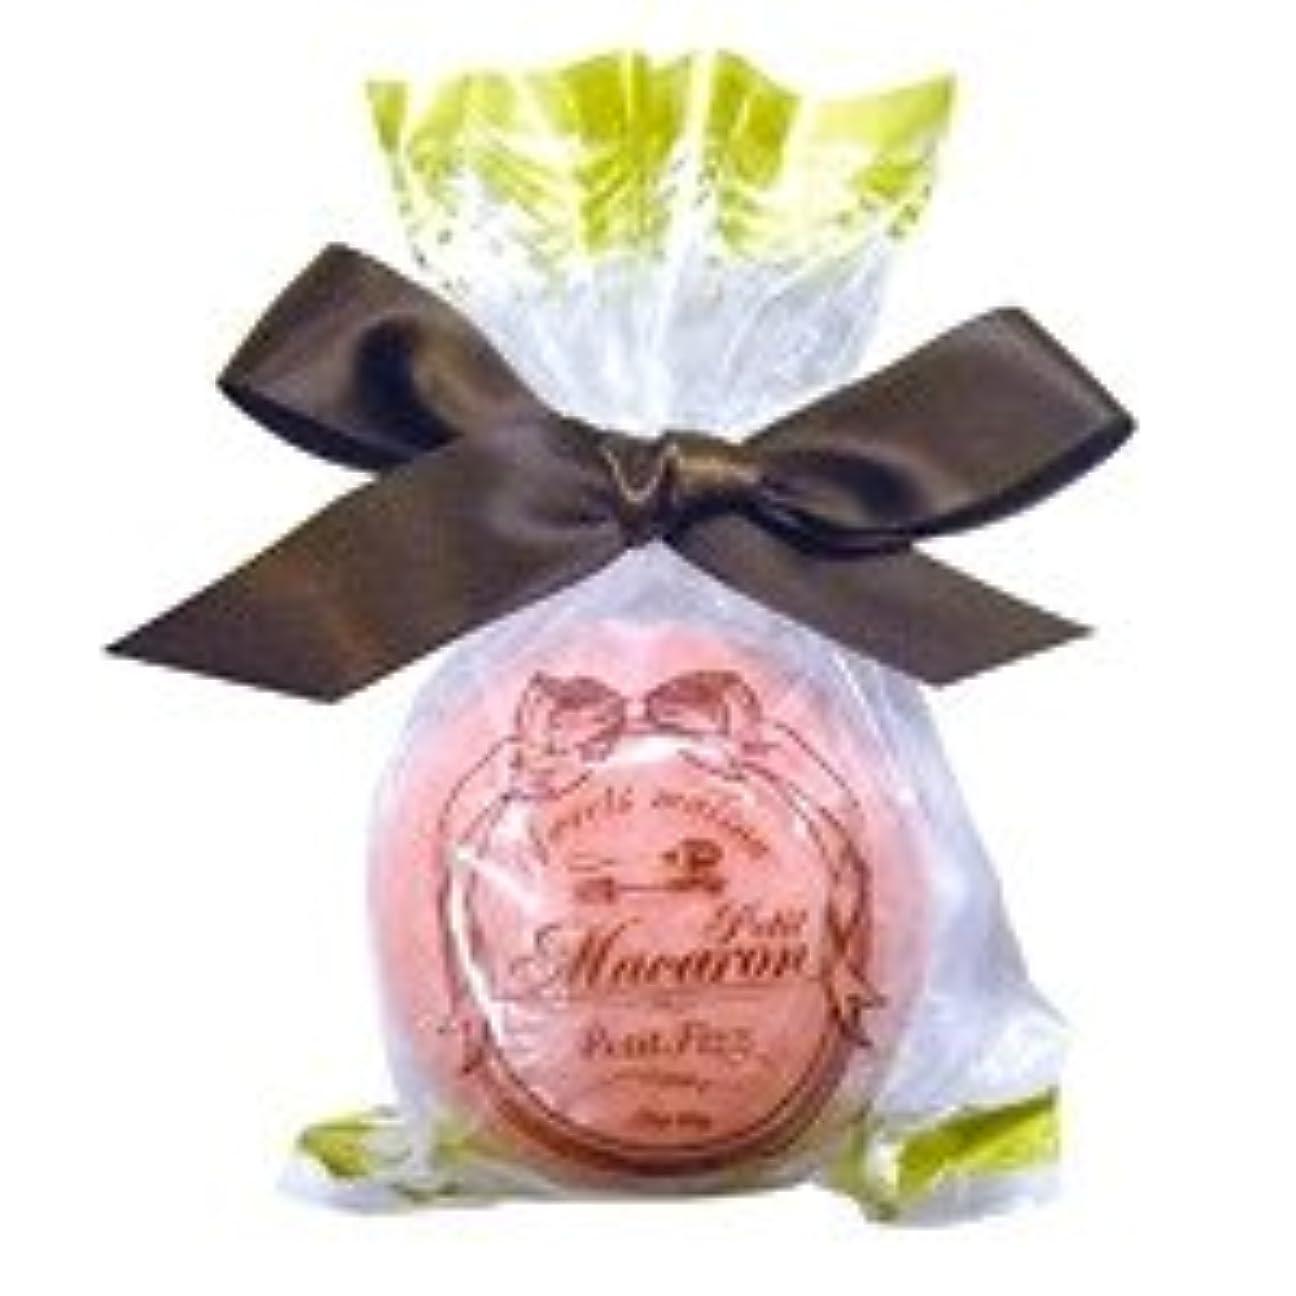 委託禁輸レンダースウィーツメゾン プチマカロンフィズ「ダークピンク」12個セット 華やかなローズの香り